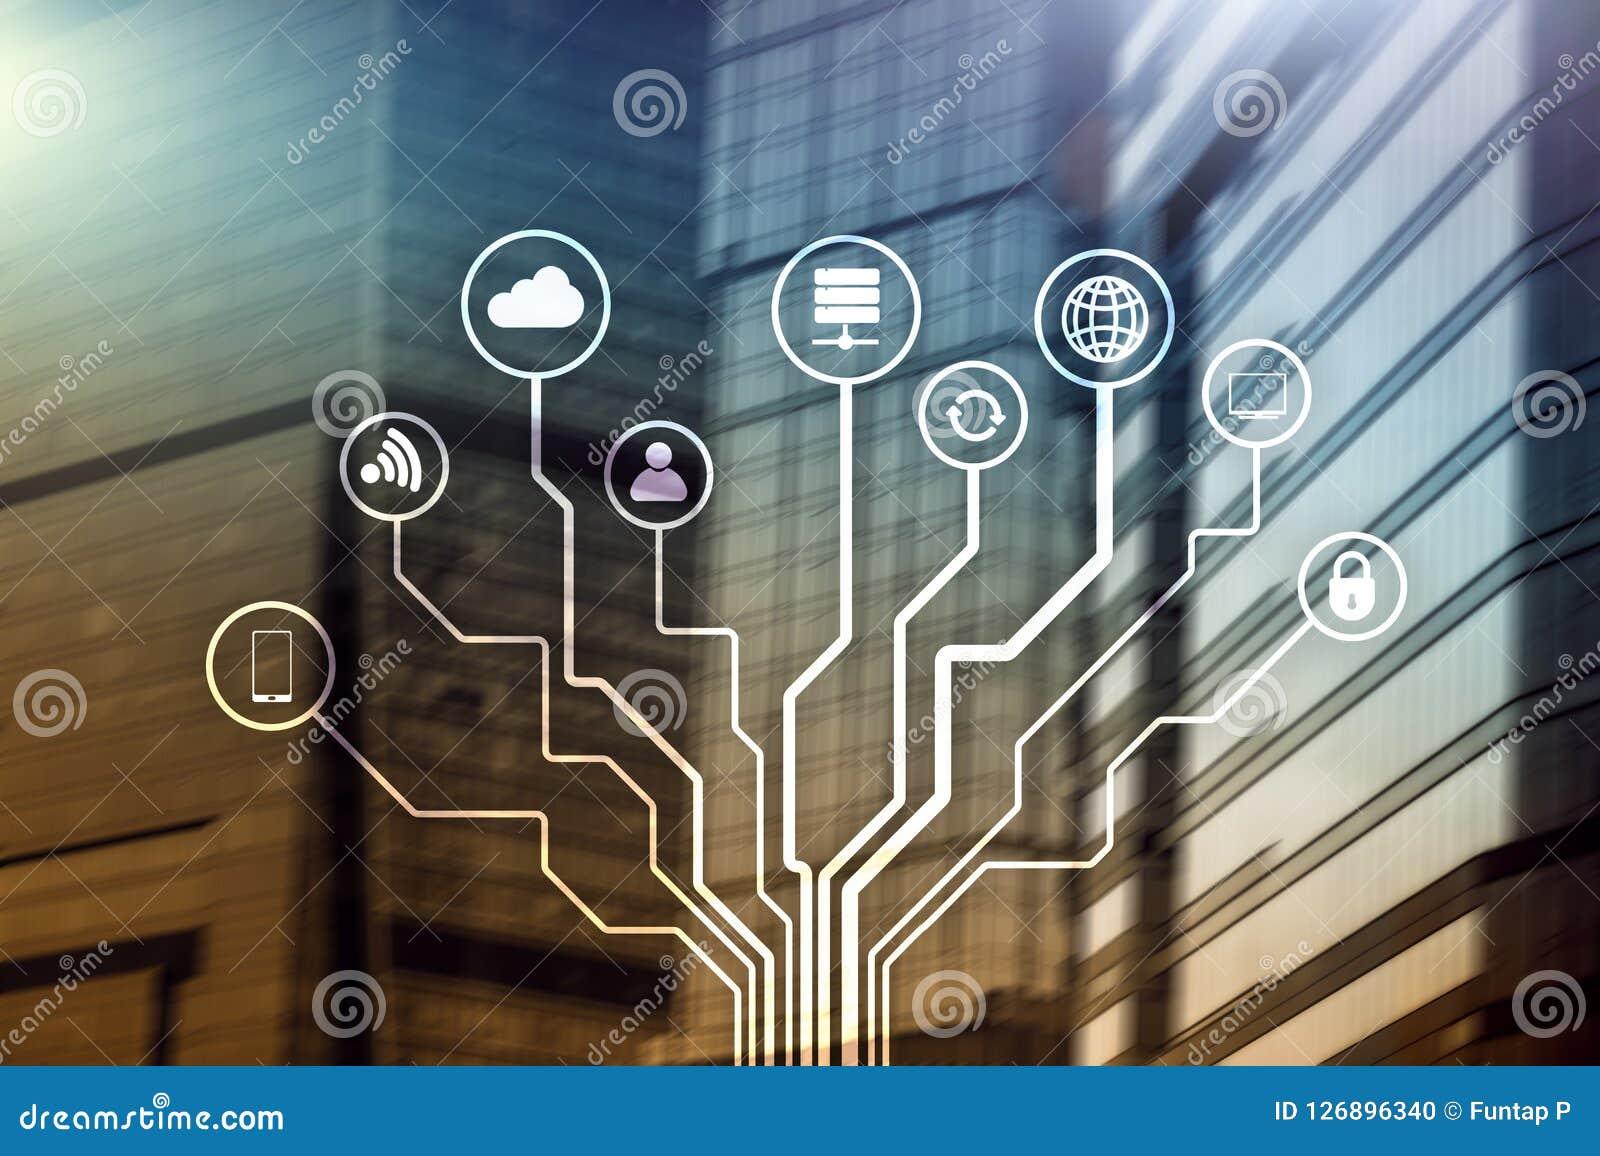 Telekommunikation und IOT-Konzept auf unscharfem Geschäftszentrumhintergrund